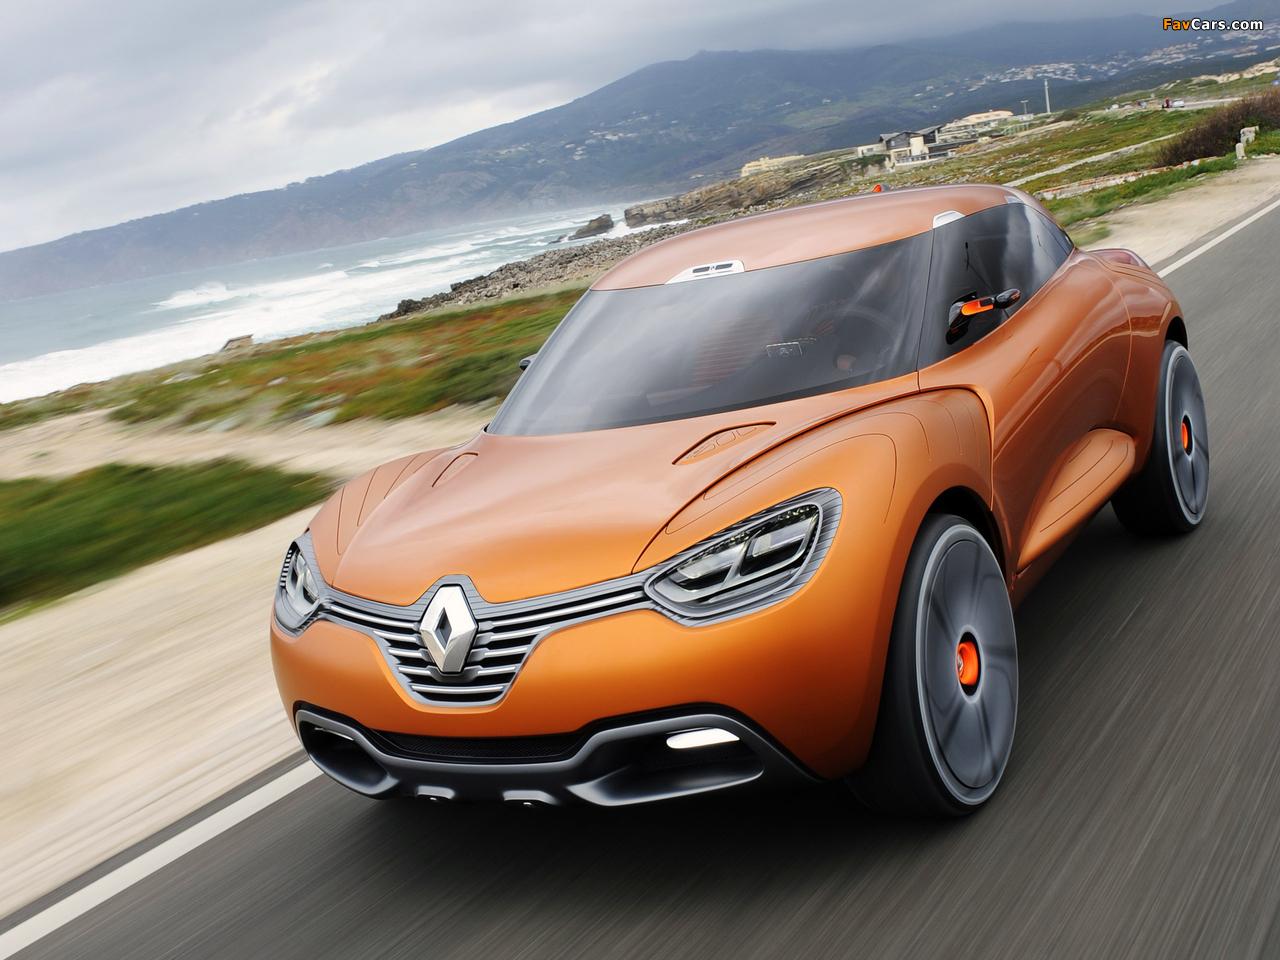 Renault Captur Concept 2011 photos (1280 x 960)